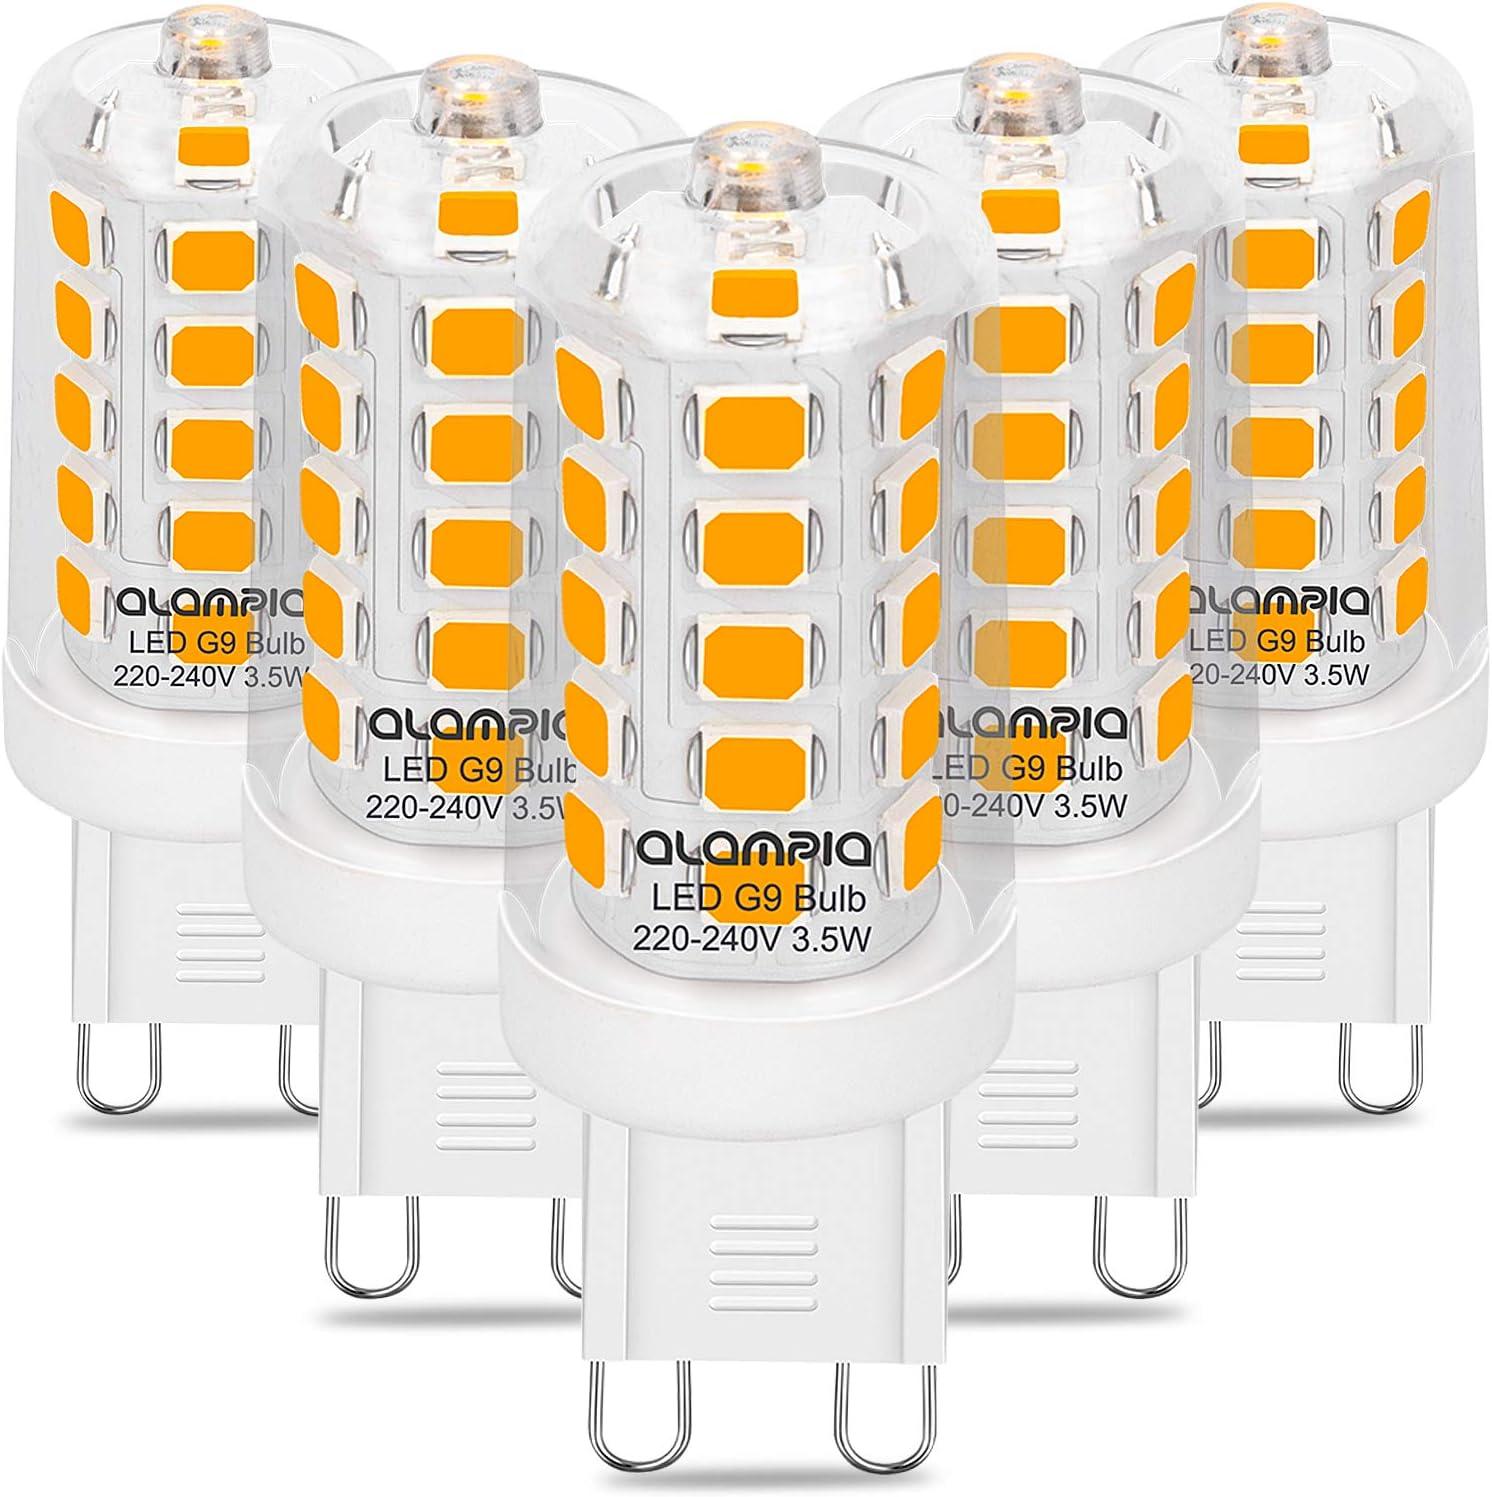 Bombillas LED G9, Luz Blanco Cálido 3000K, 3.5W 400 Lumens (Equivalente a Bombilla Halógena 40W), con Casquillo Estándar G9, Iluminación Led 360° Ángulo Sin Parpadeo, No Regulable, 5 Piezas